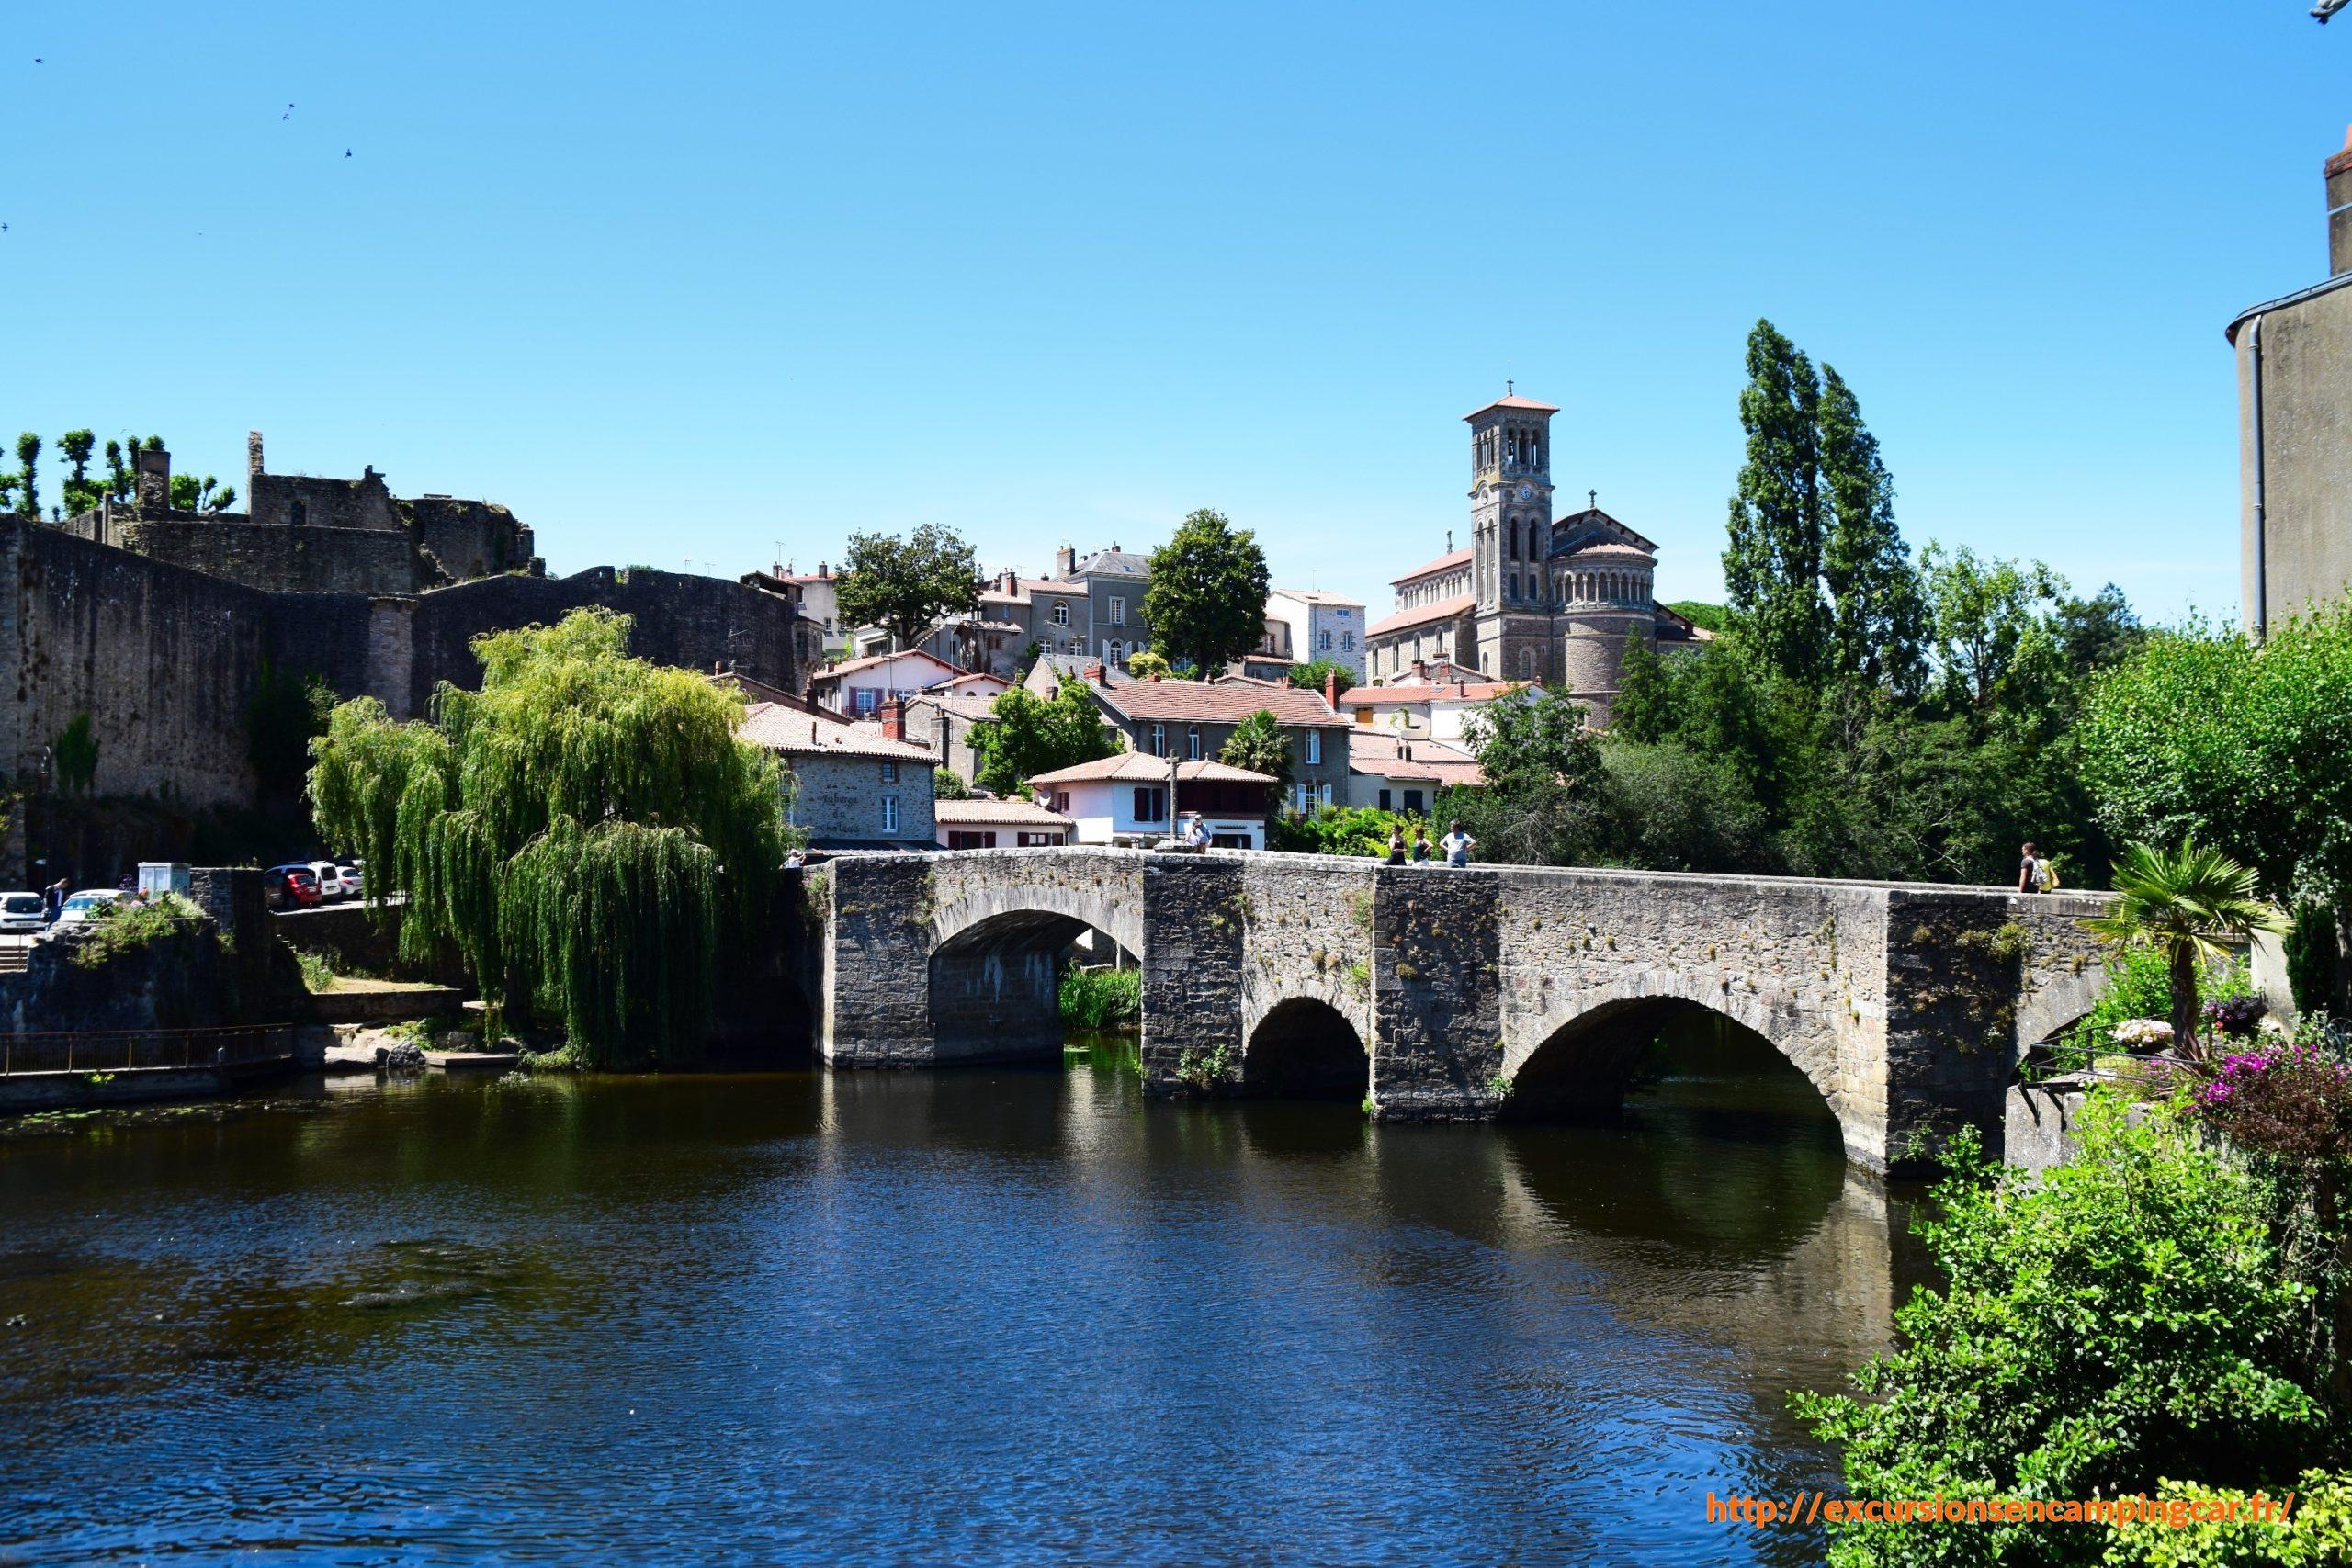 Vue sur le pont de la Vallée, le château à gauche et l'église Notre-Dame à Clisson